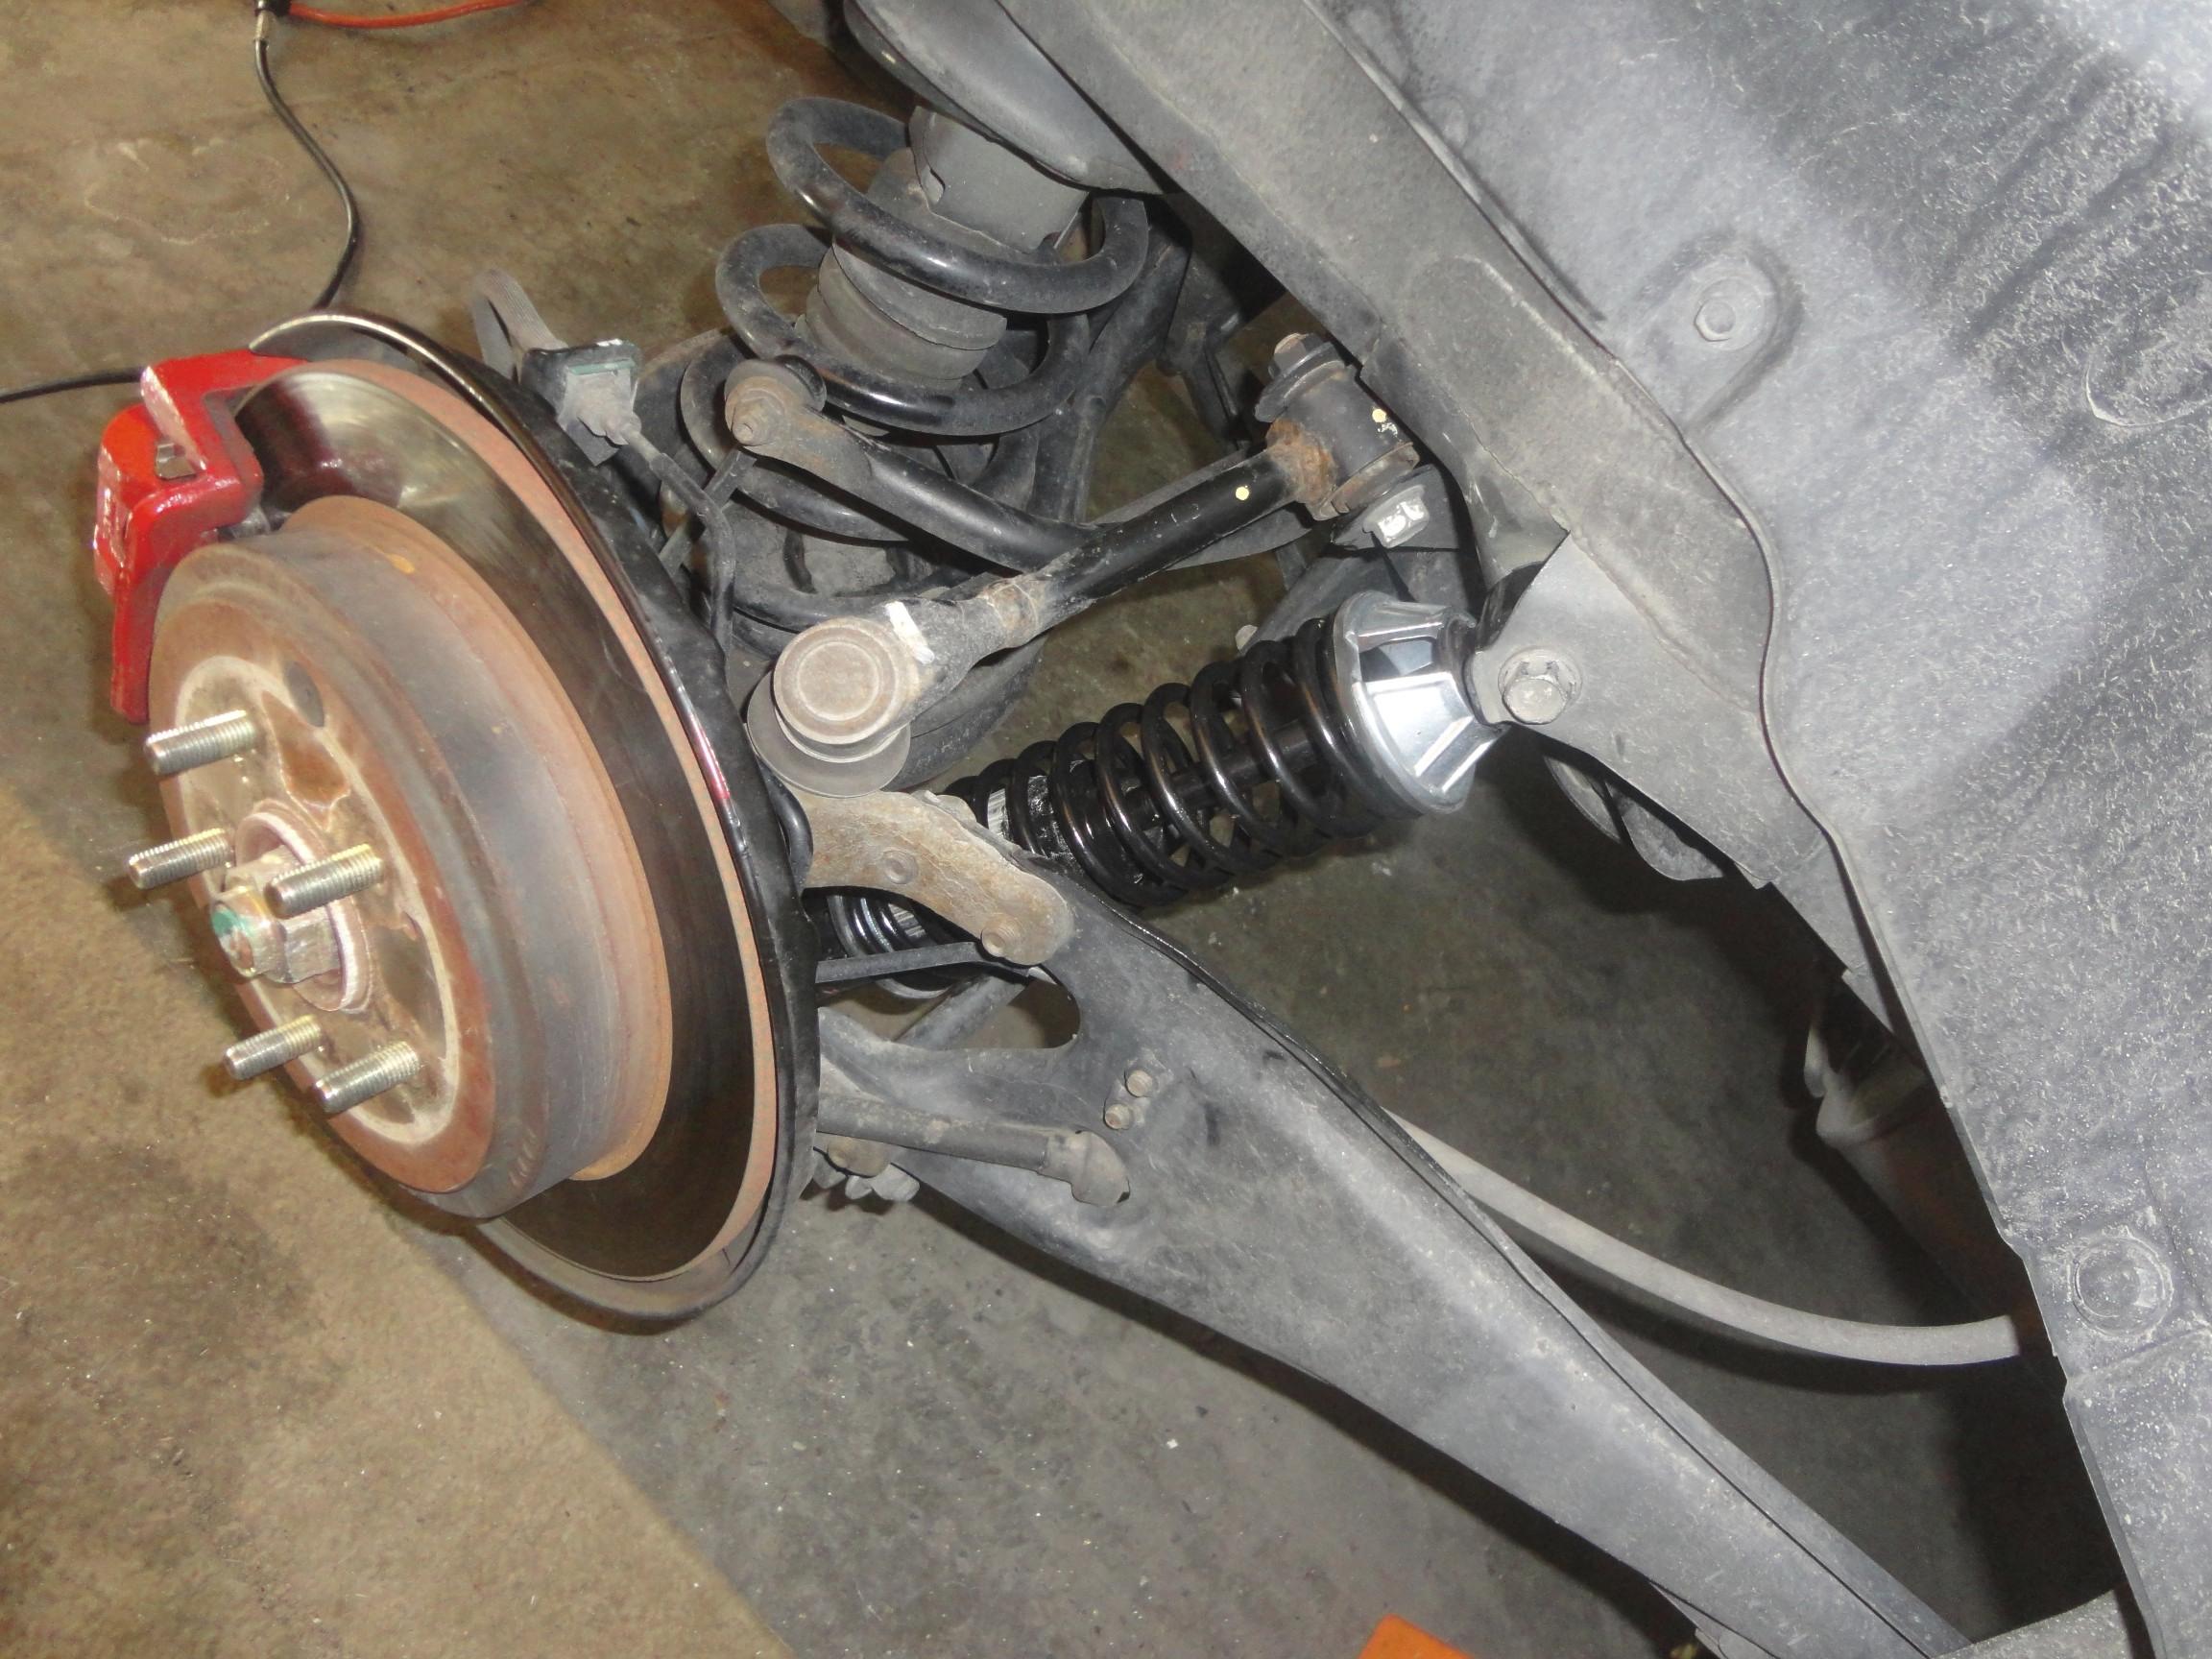 New Load Adjusting Rear Shocks For MDX Page Acura MDX Forum - 2007 acura mdx rear shocks